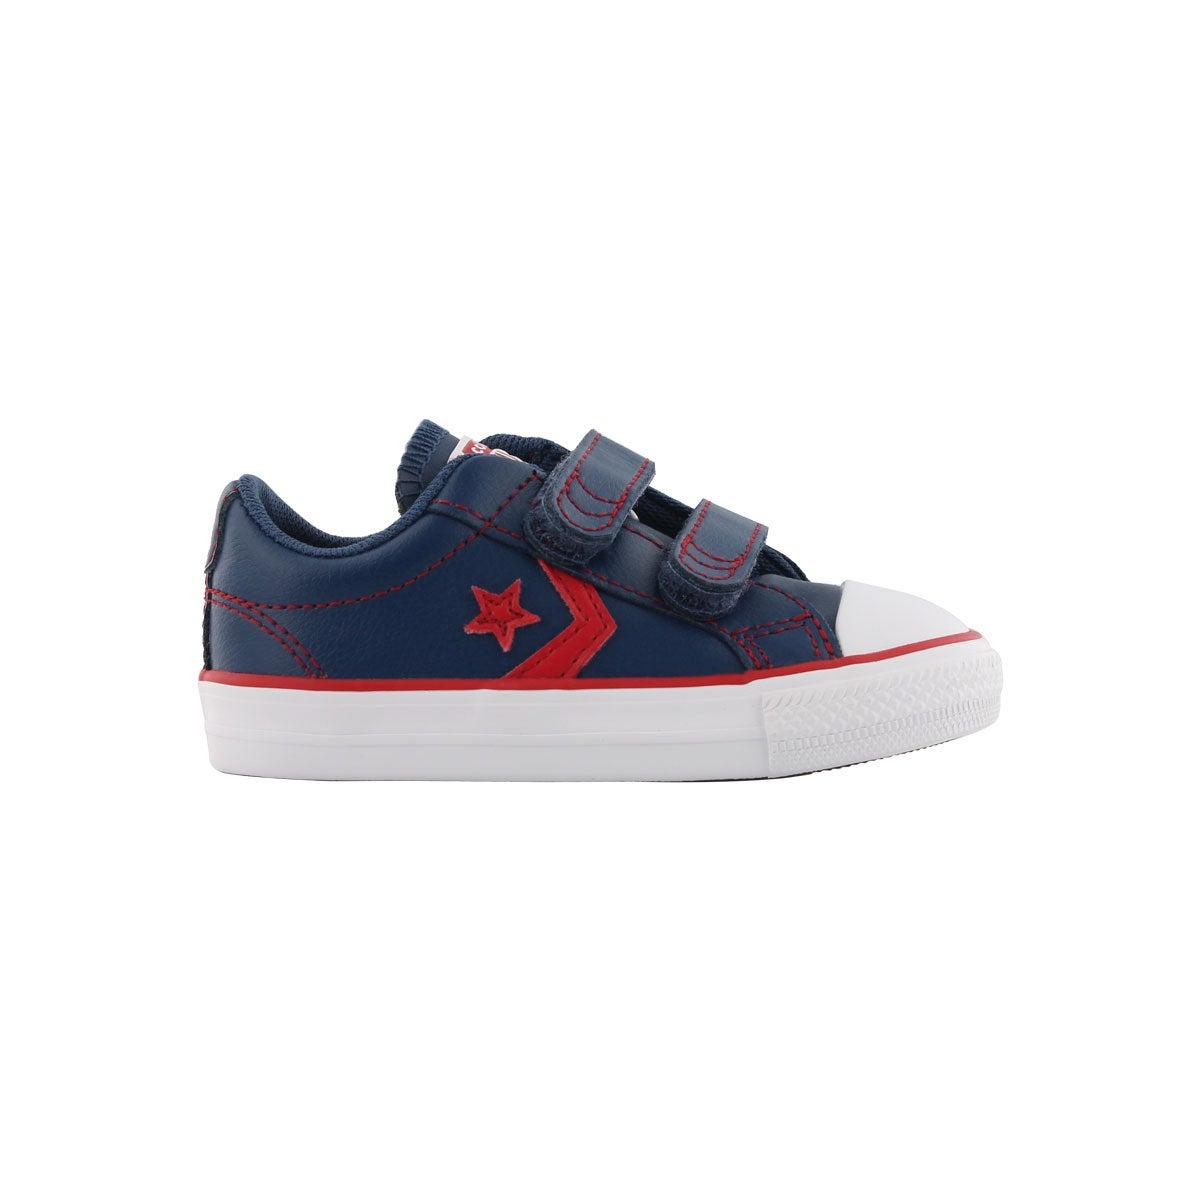 Infs-b CT Star Player 2V blu/red sneaker